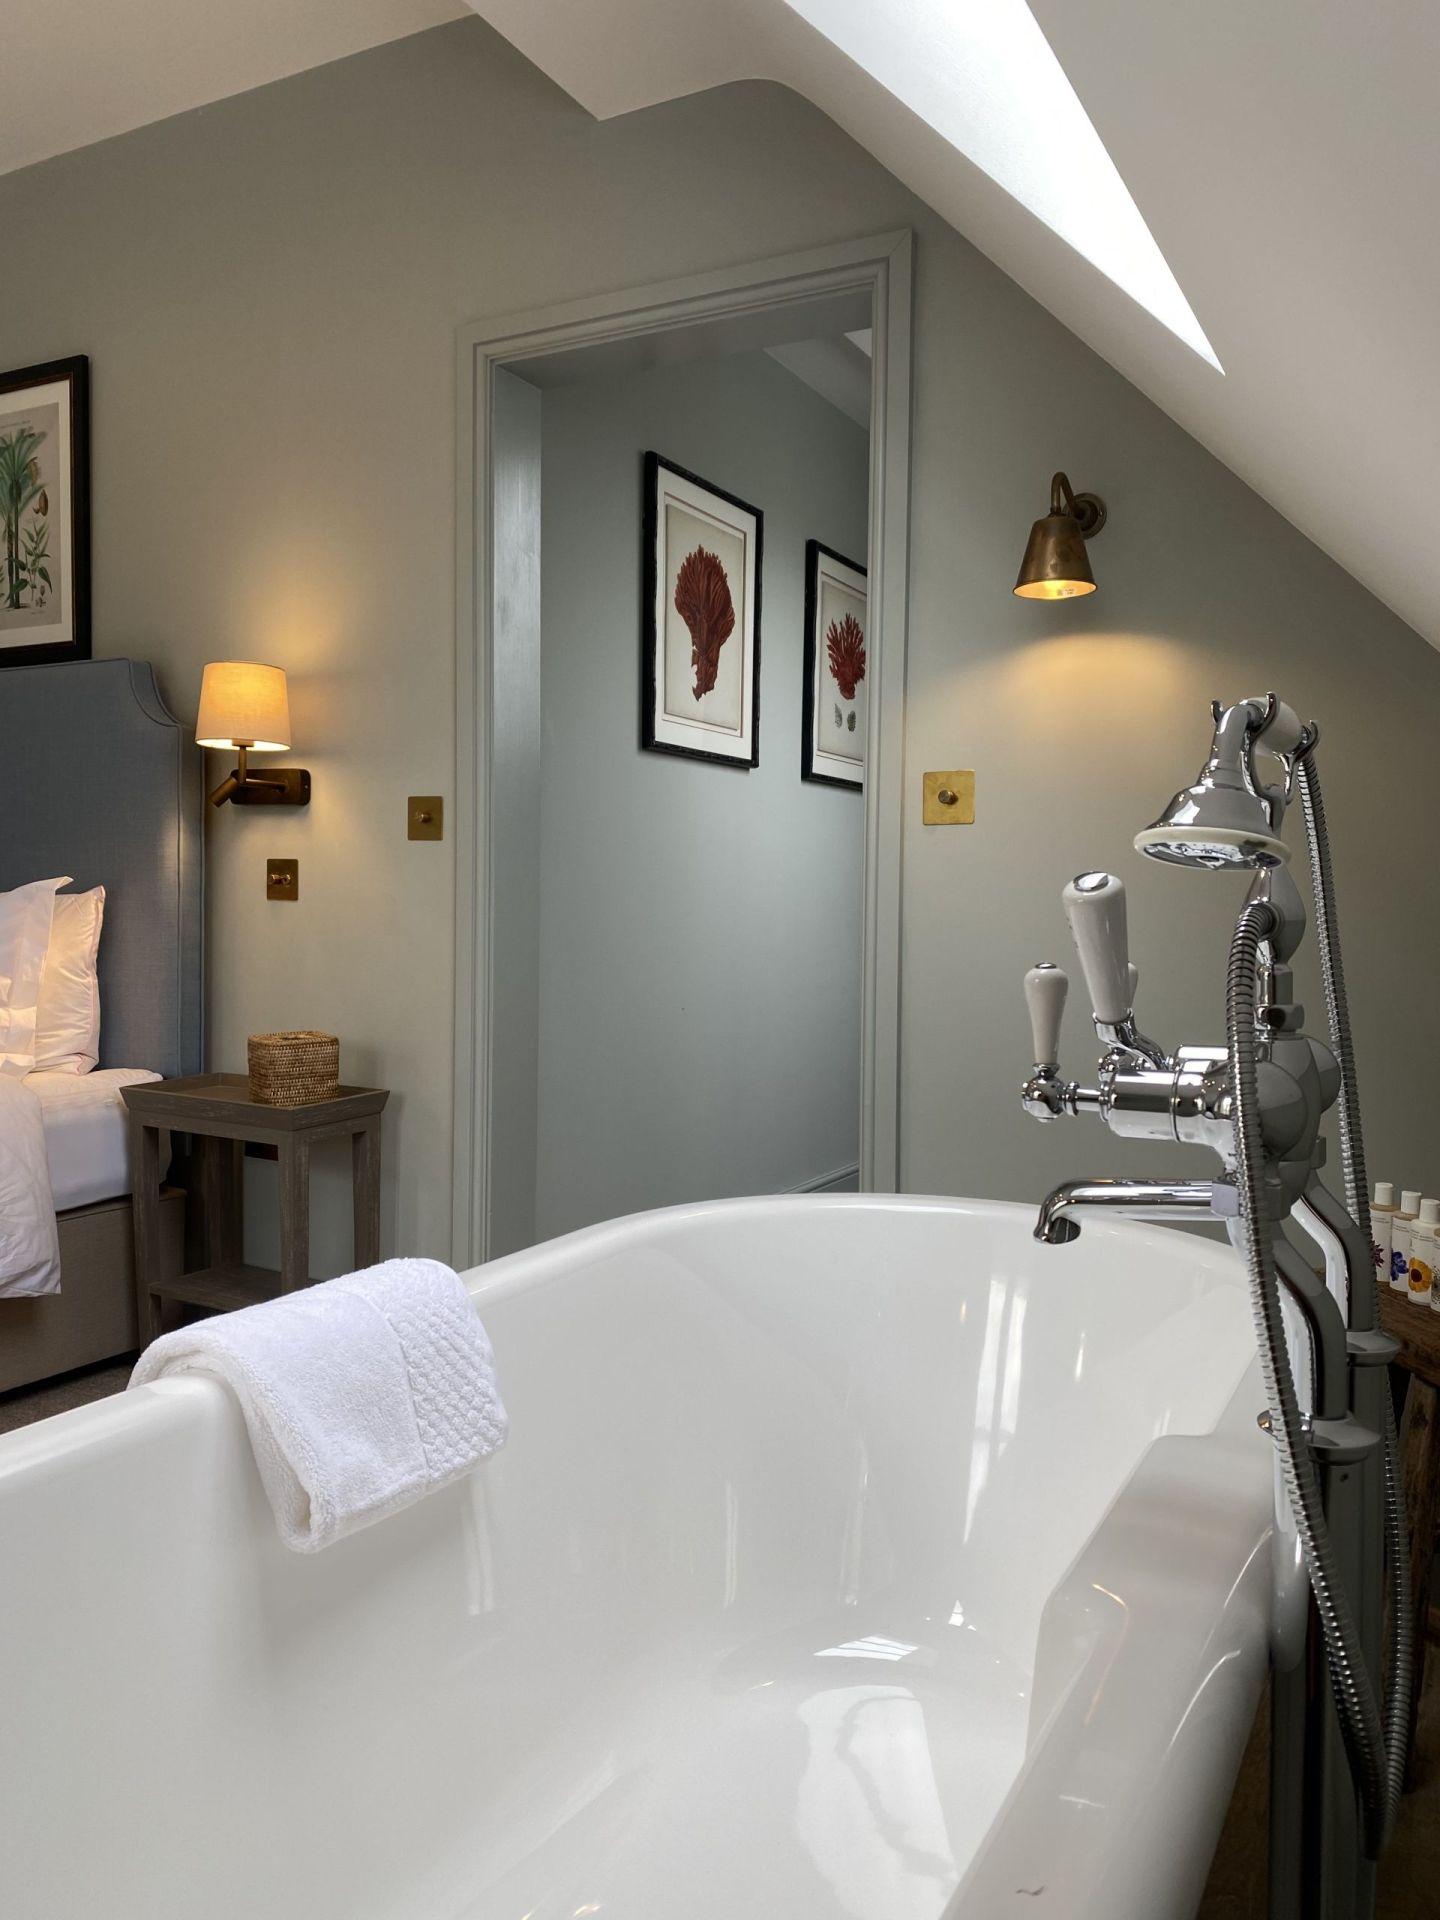 The Bottle & Glass Inn Guest Room Sumptuous Bath